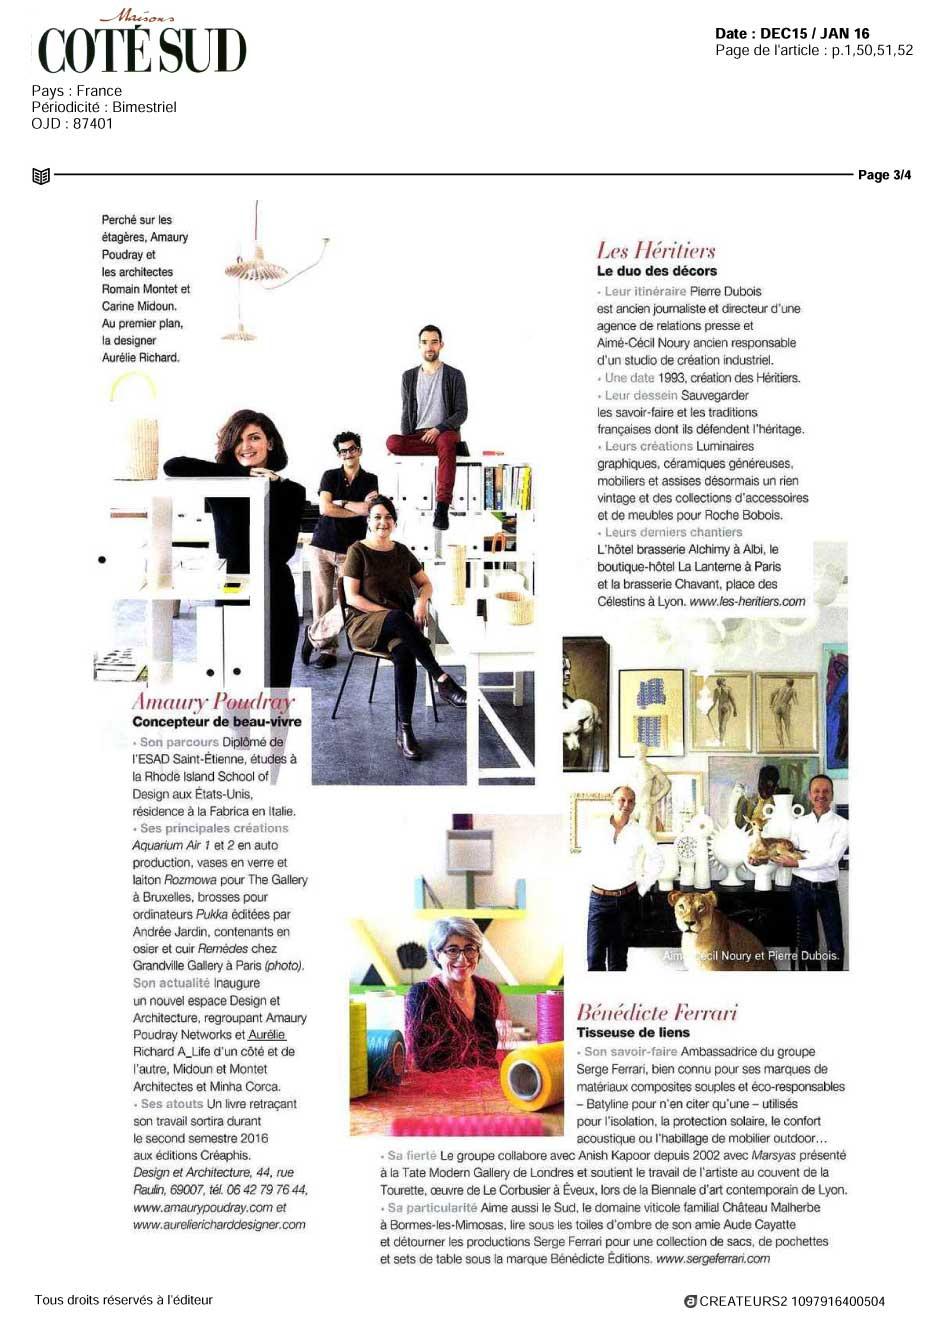 Amaury Poudray, designer de beau vivre